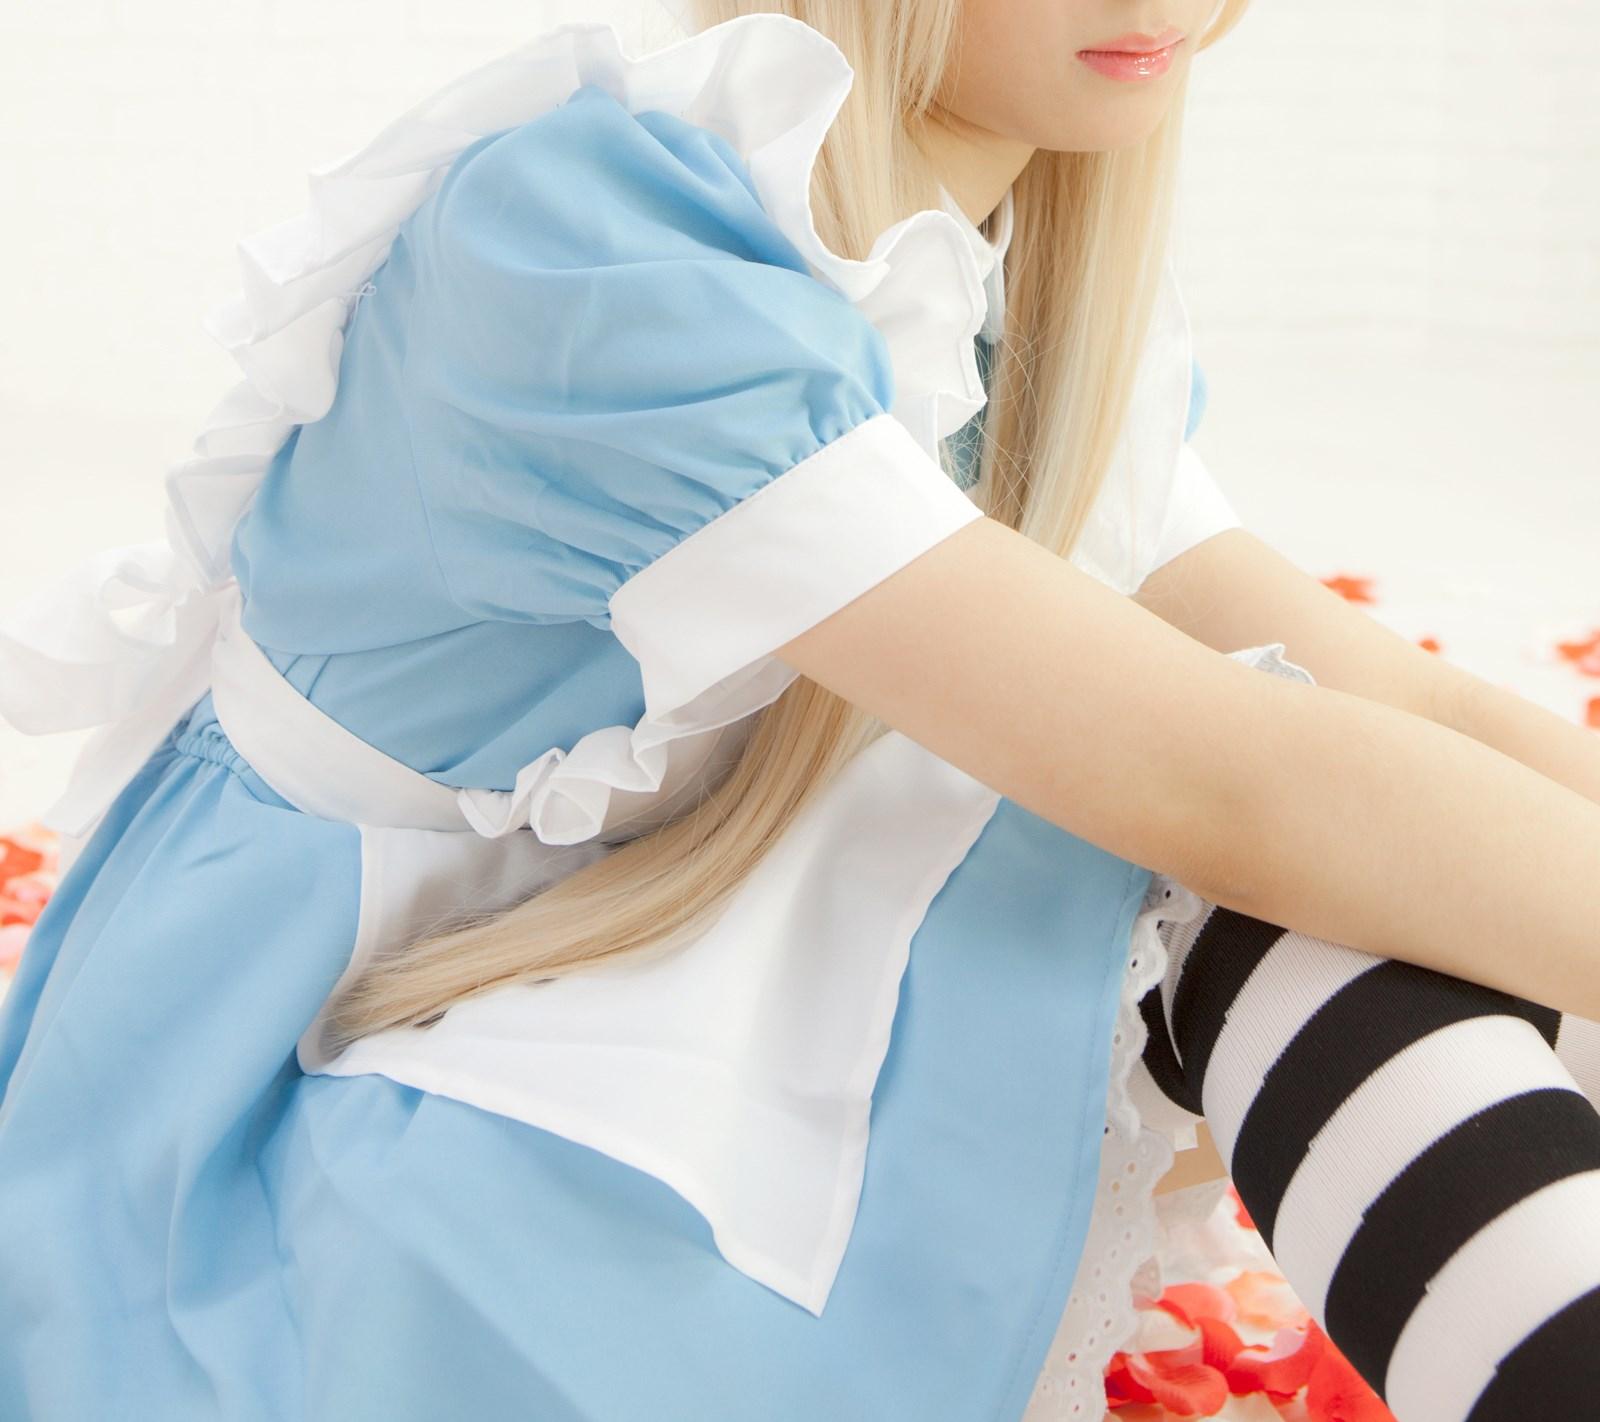 【兔玩映画】爱丽丝少女 兔玩映画 第6张